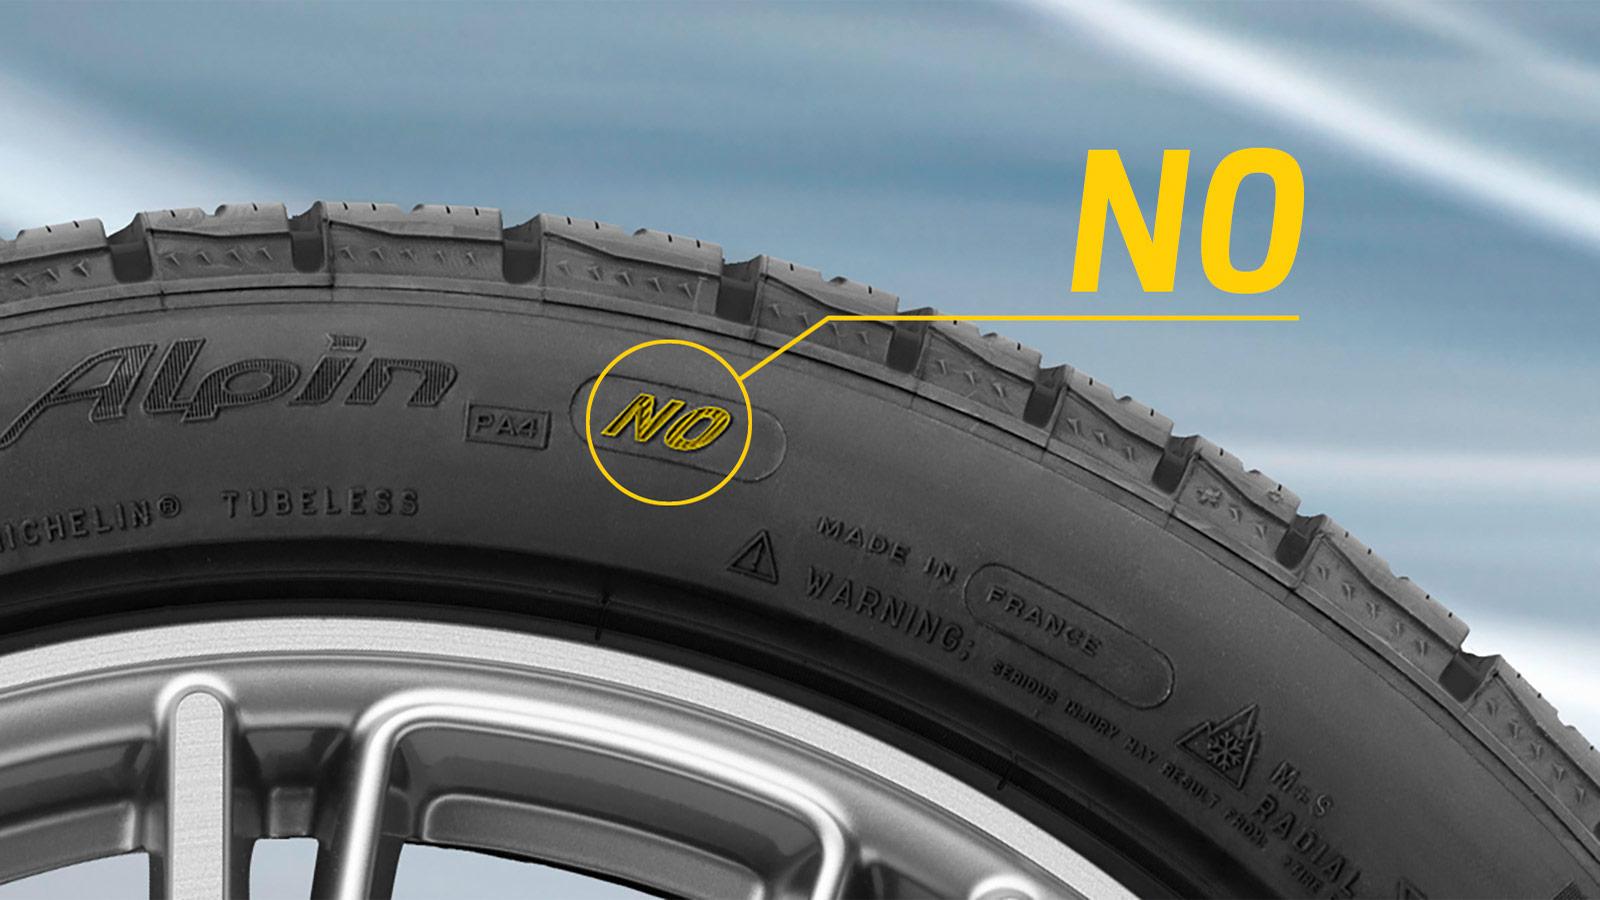 Porsche - ... was die N-Kennzeichnung bedeutet?